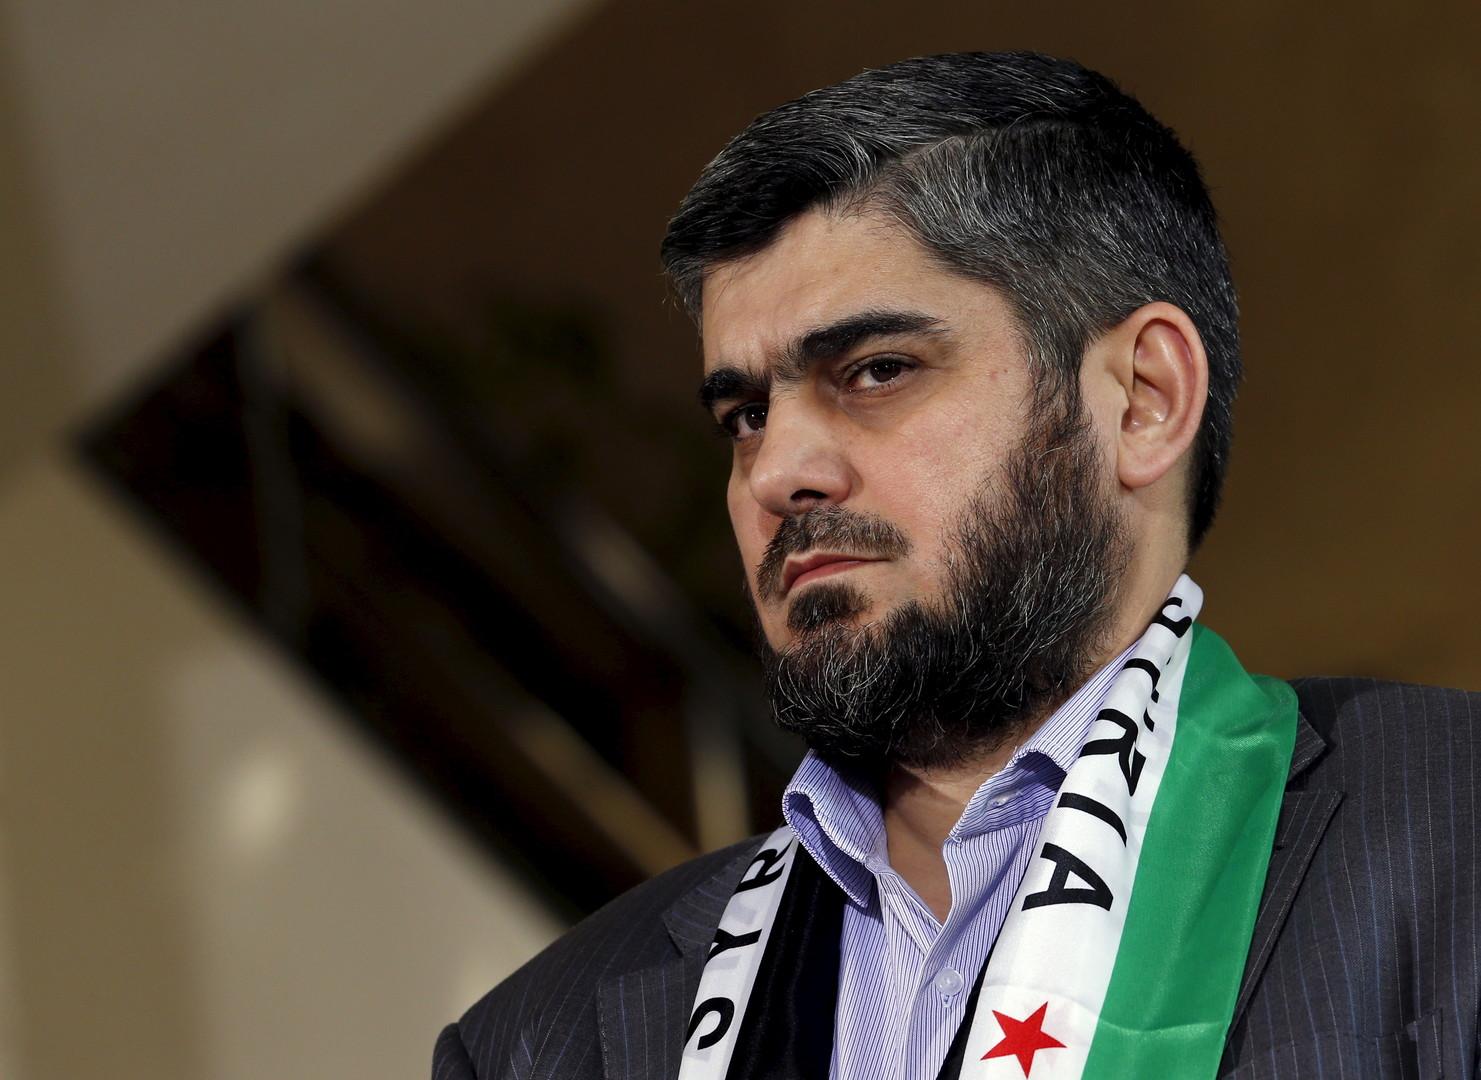 صورة محمد علوش: لماذا كل هذه الضجة عن الاستقالة؟